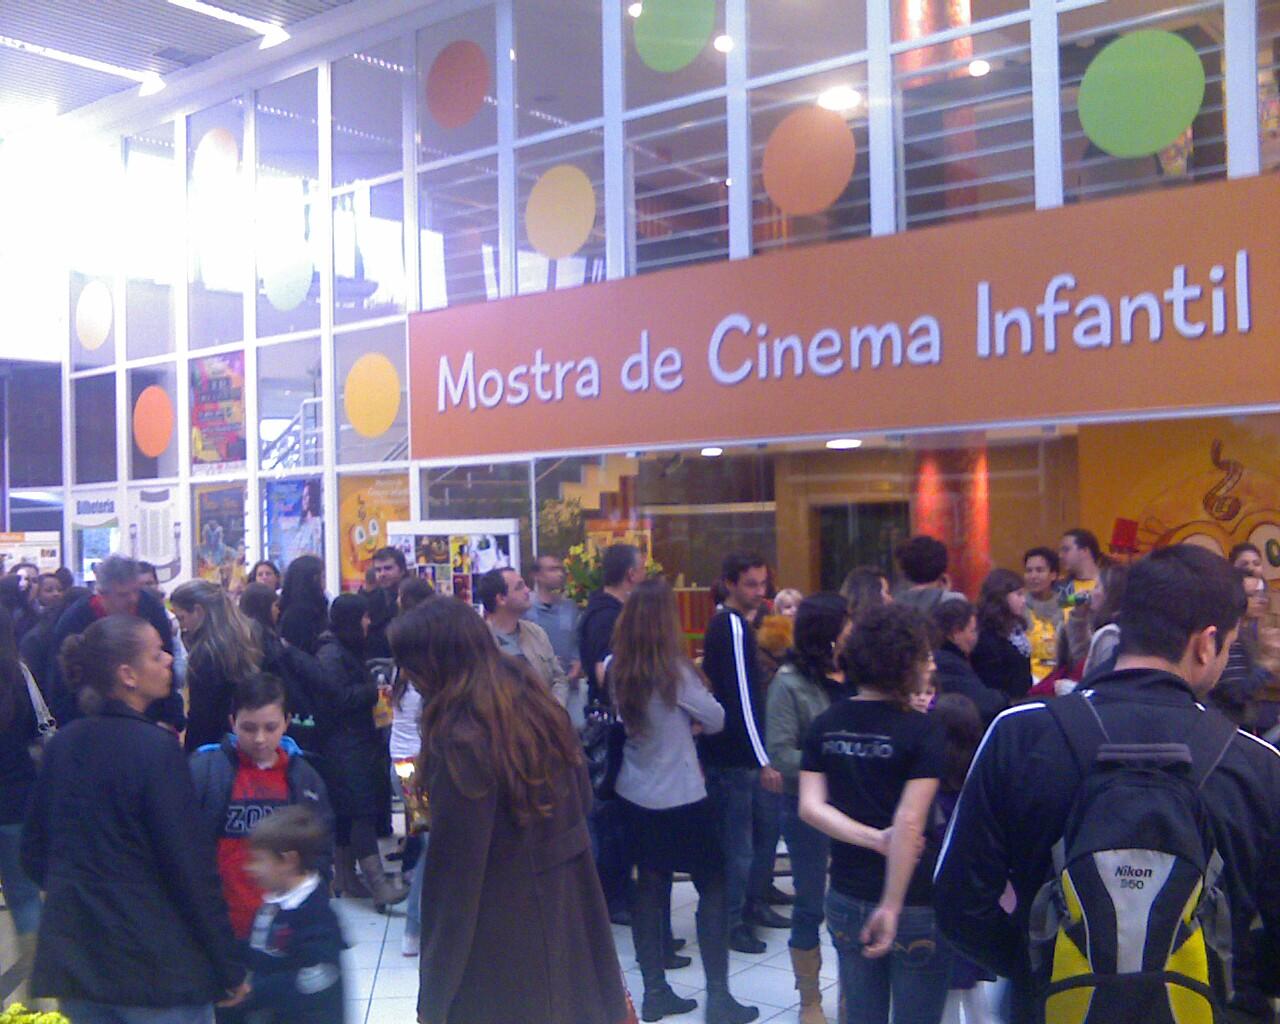 Mostra @cineinfantil lotada